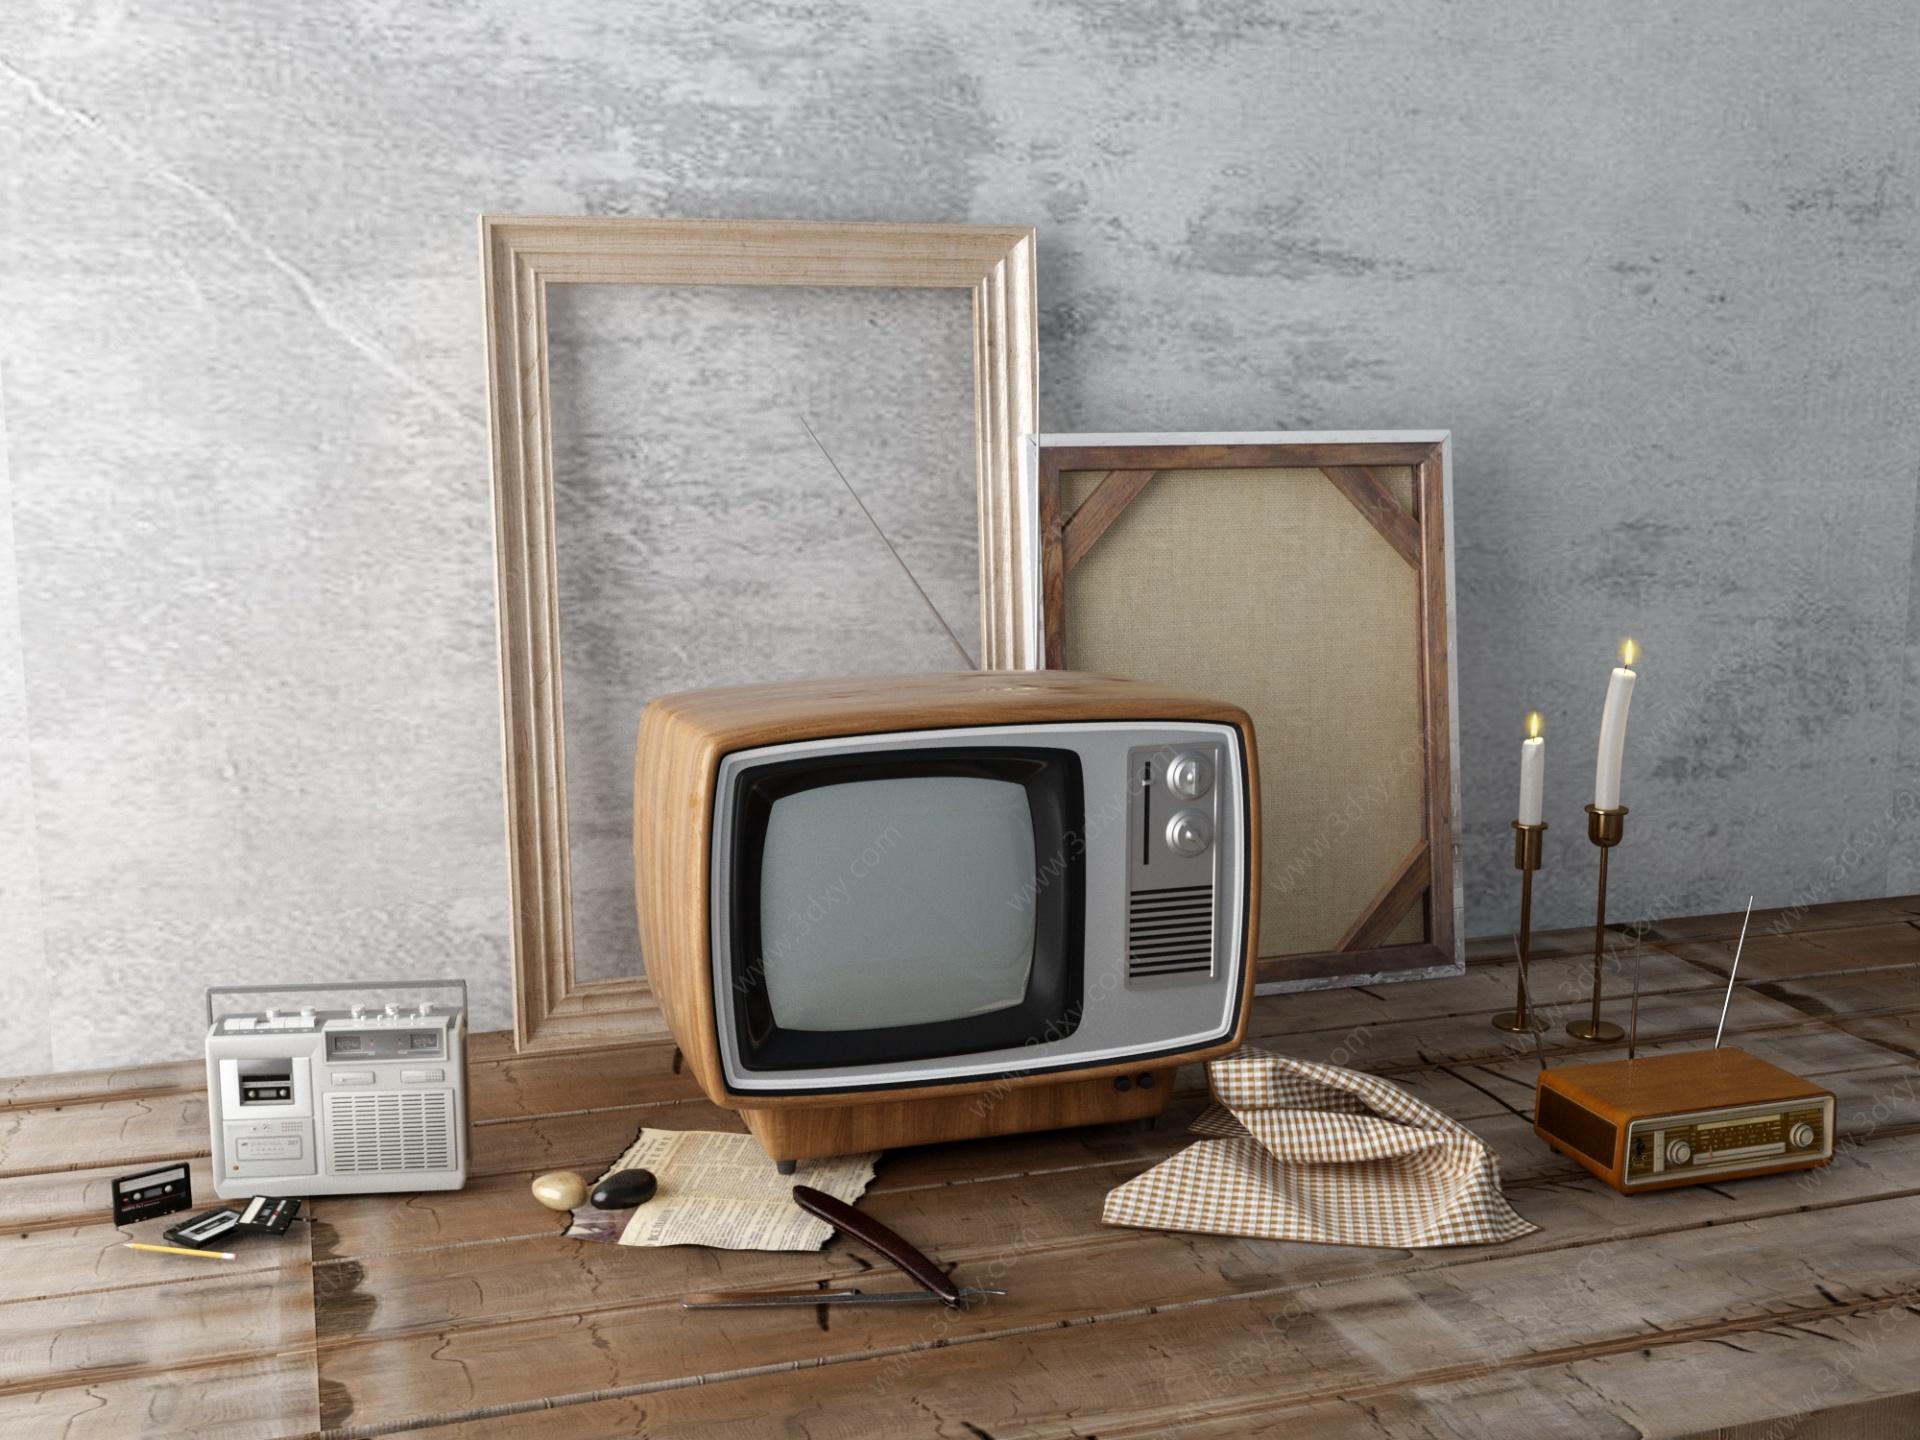 老電視機老收音機老物件3D模型